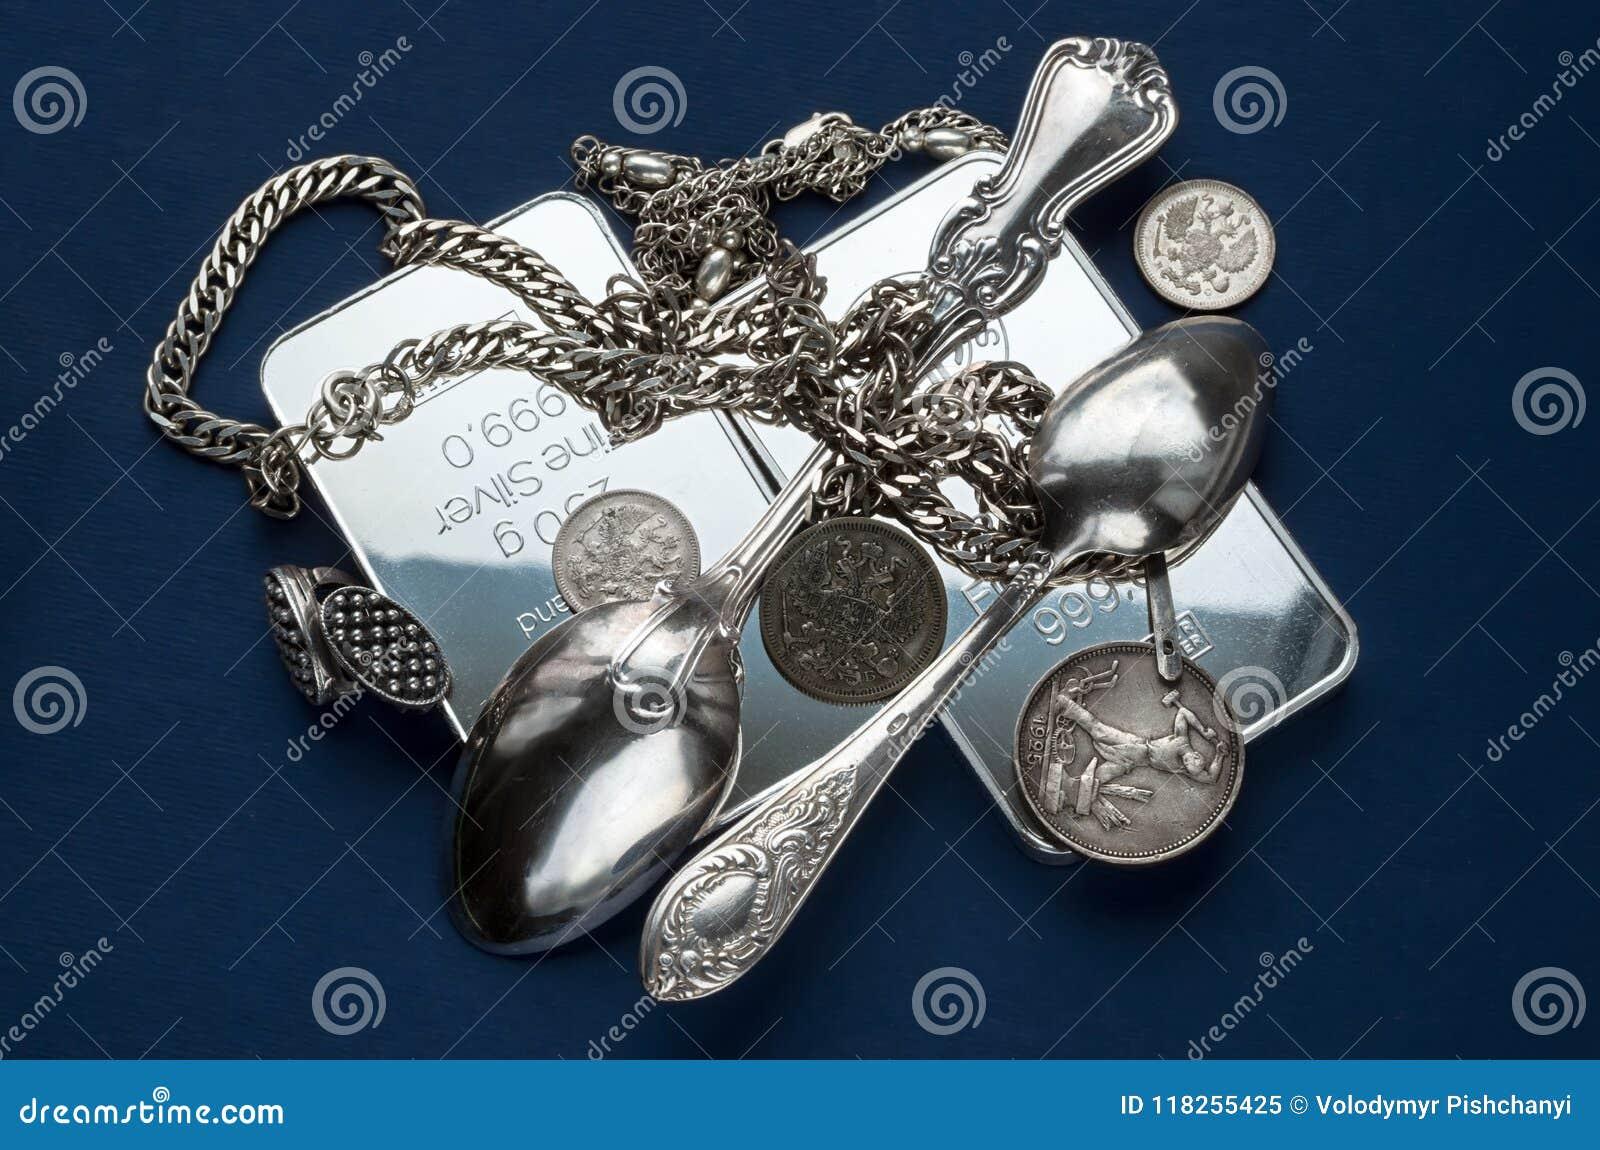 几个银块、银器、jewelery和老银币在深蓝背景